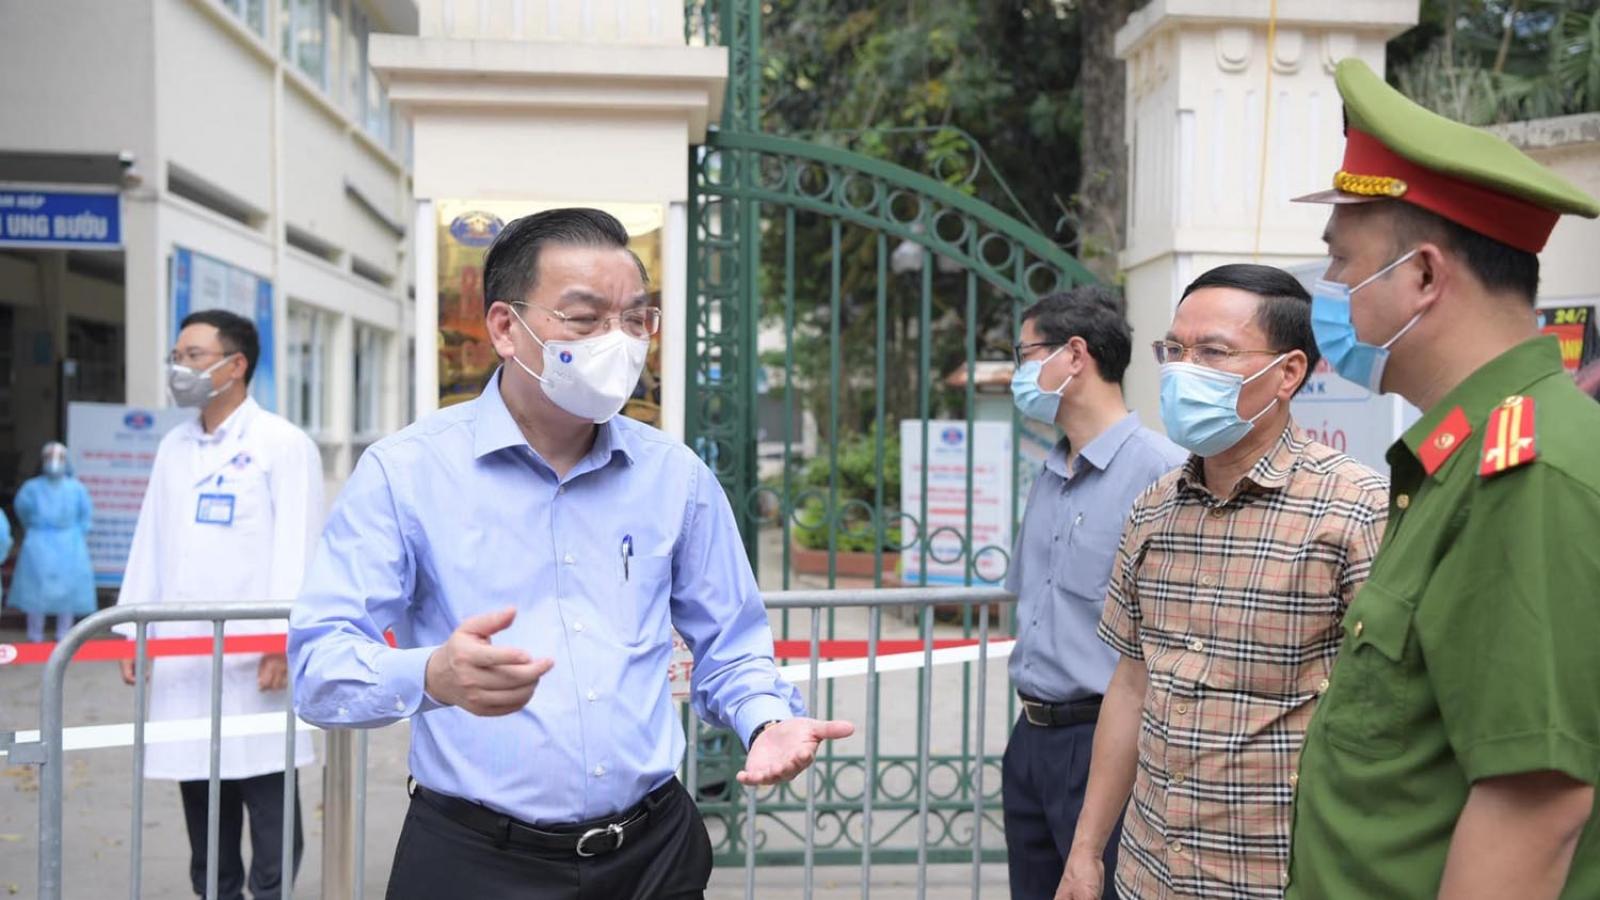 Phát hiện 10 ca mắc Covid-19, Chủ tịch Hà Nội trực tiếp kiểm tra phong tỏa viện K